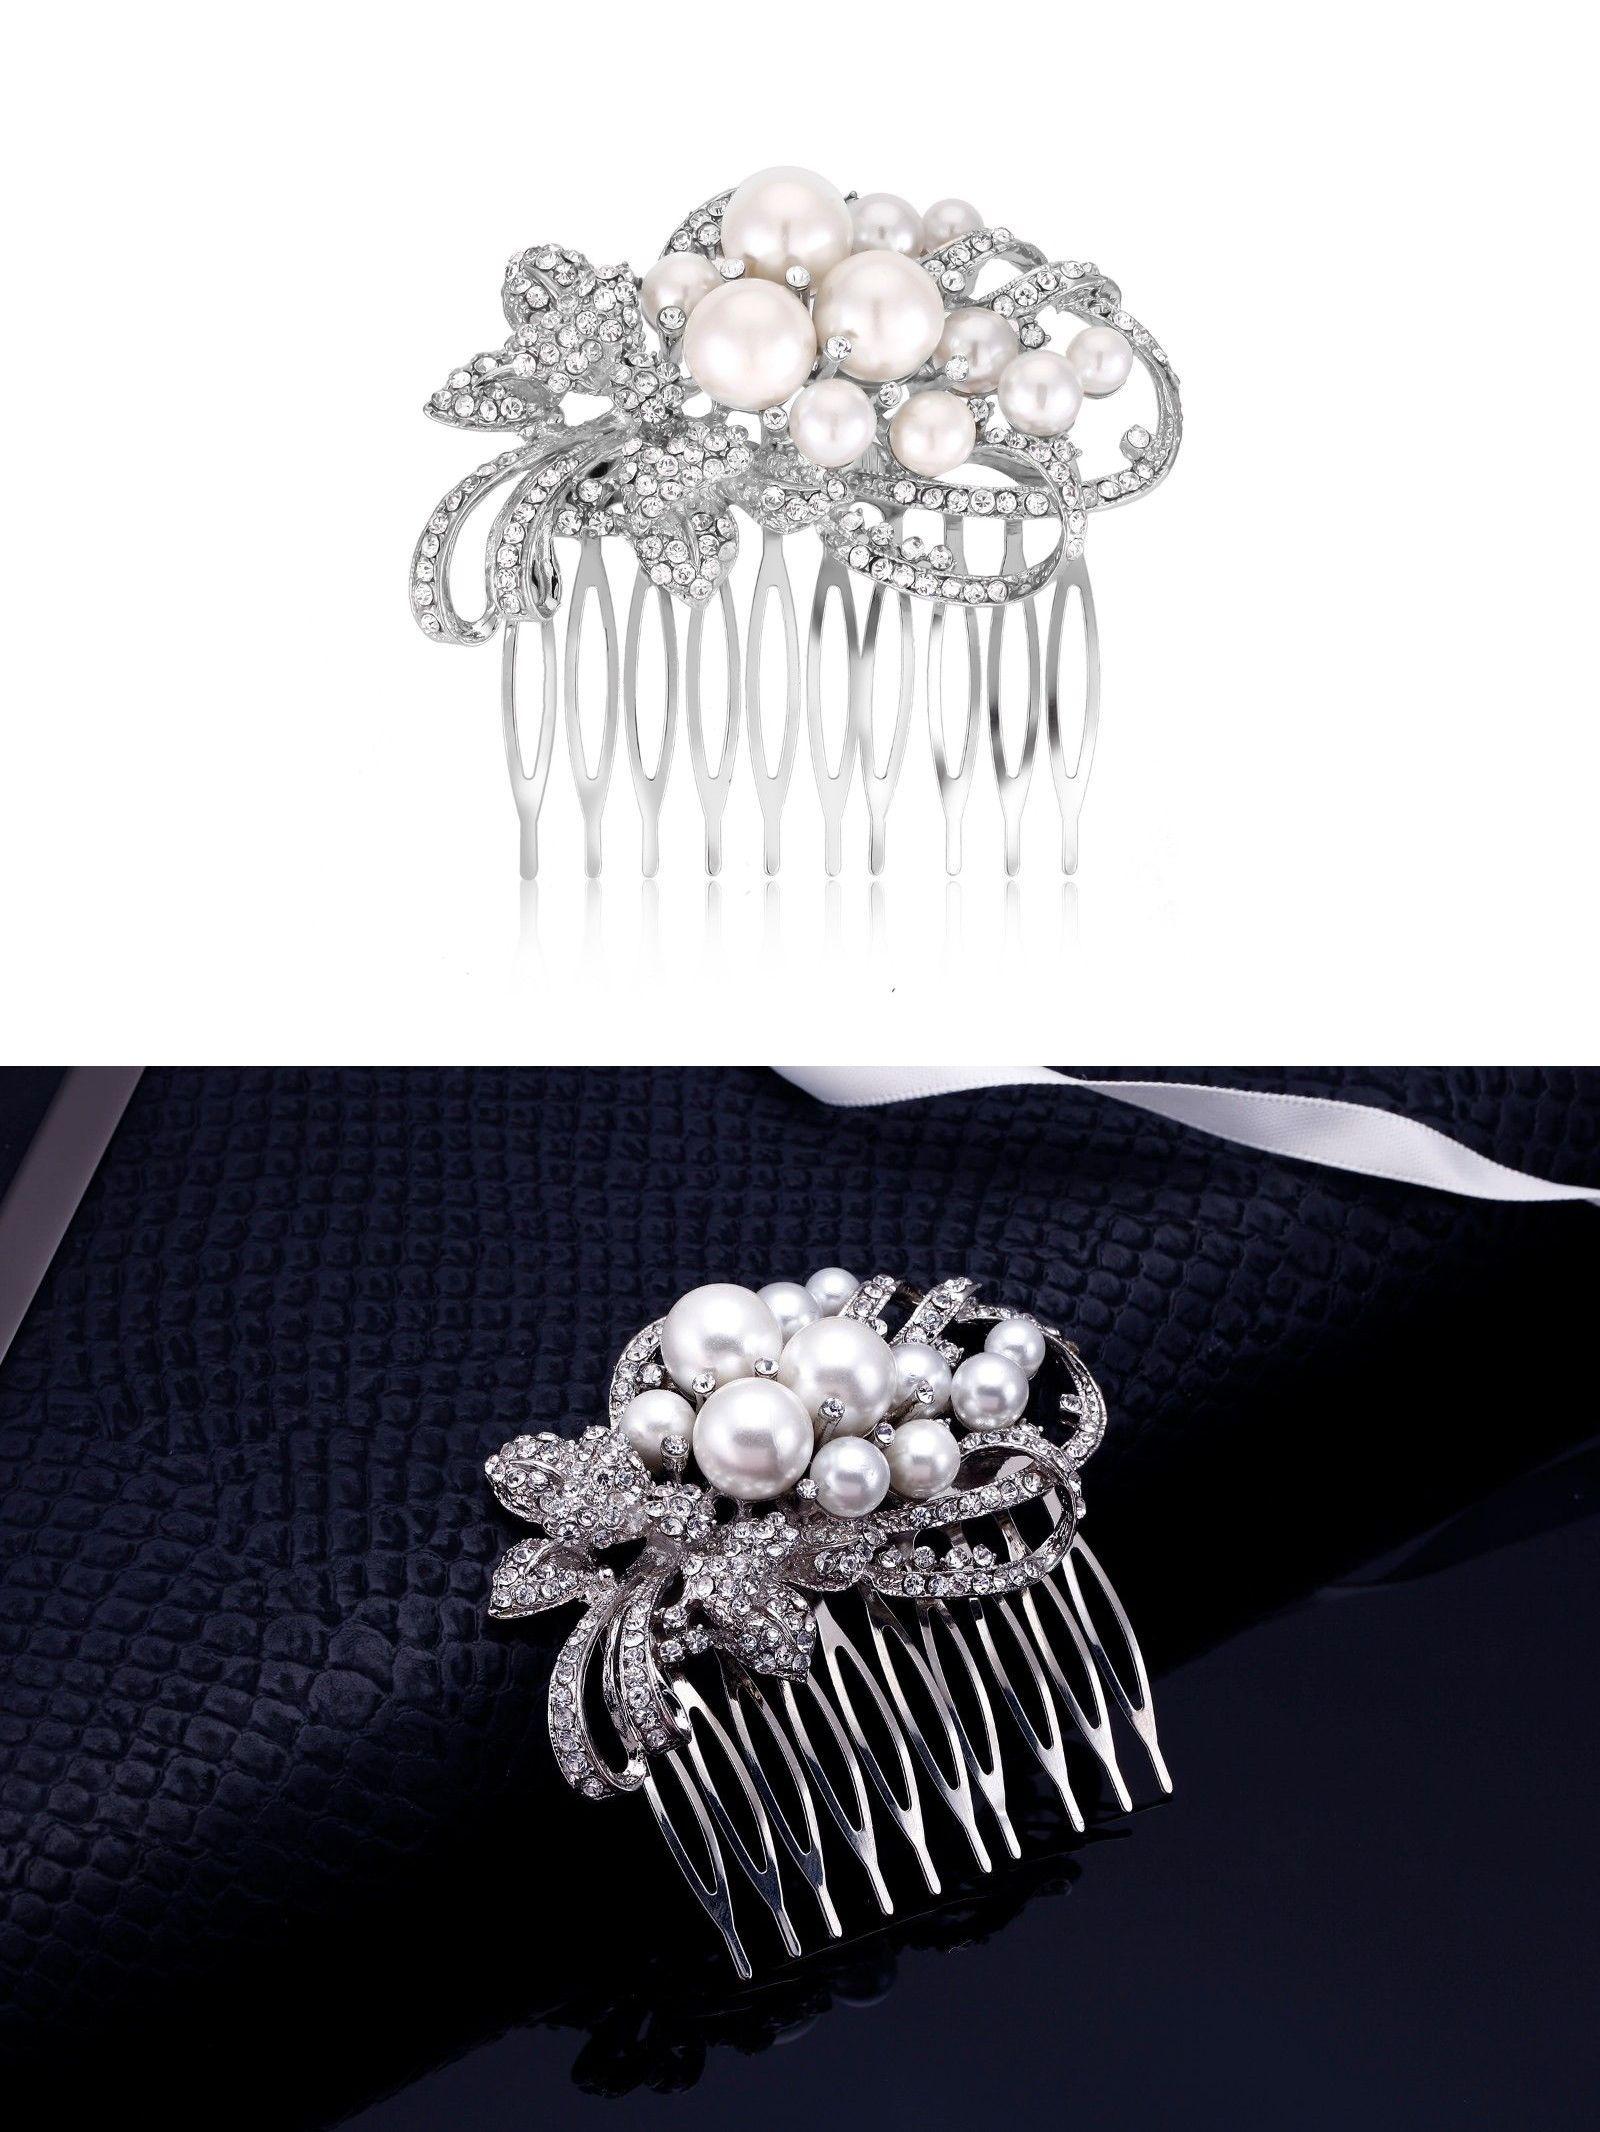 hair accessories 163560: pearl comb, rhinestone comb, bridal comb